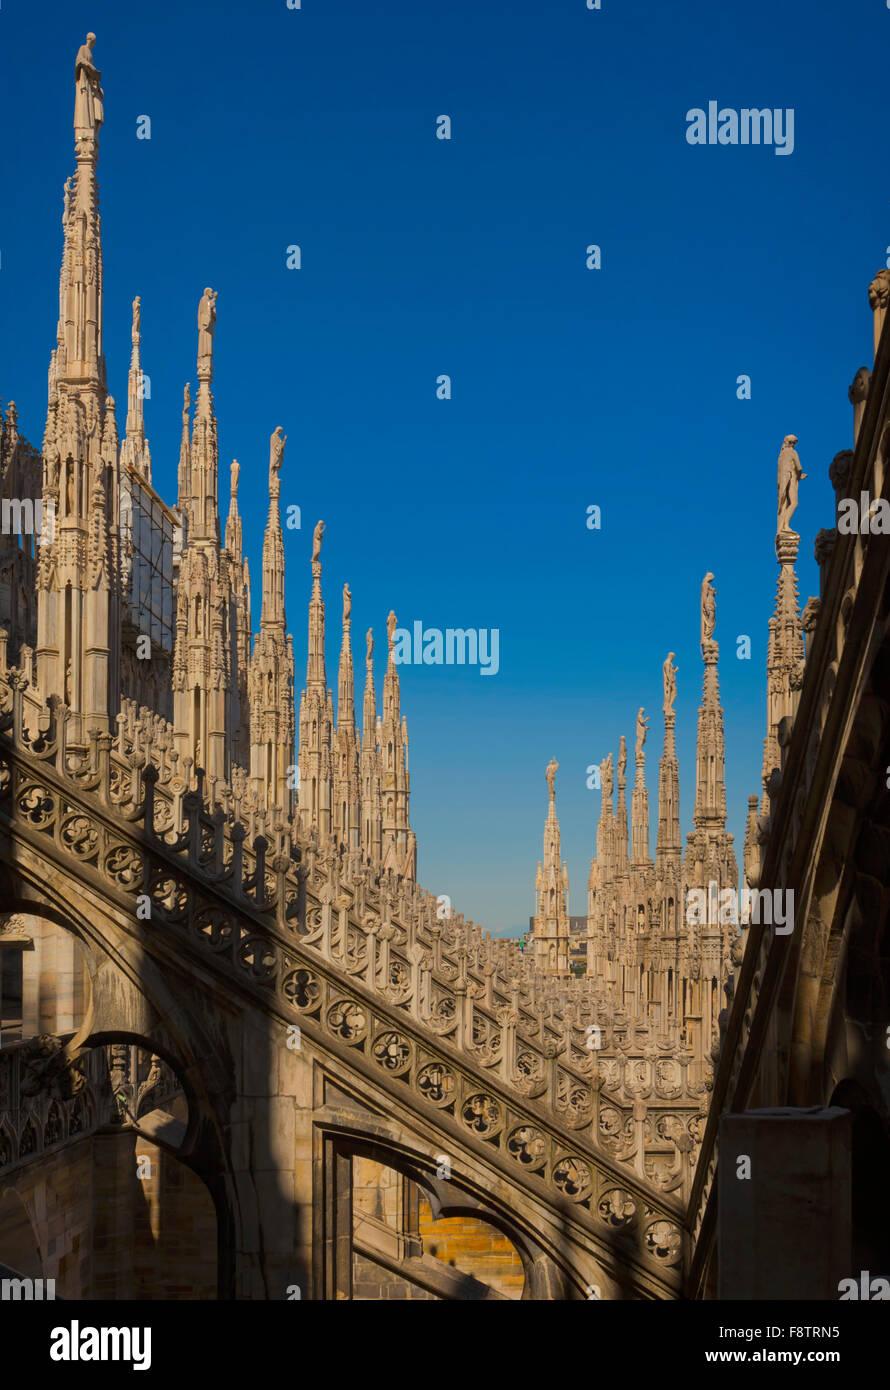 Mailand, Provinz Mailand, Lombardei, Italien.  Türme auf dem Dach des Dom oder Dom. Stockbild